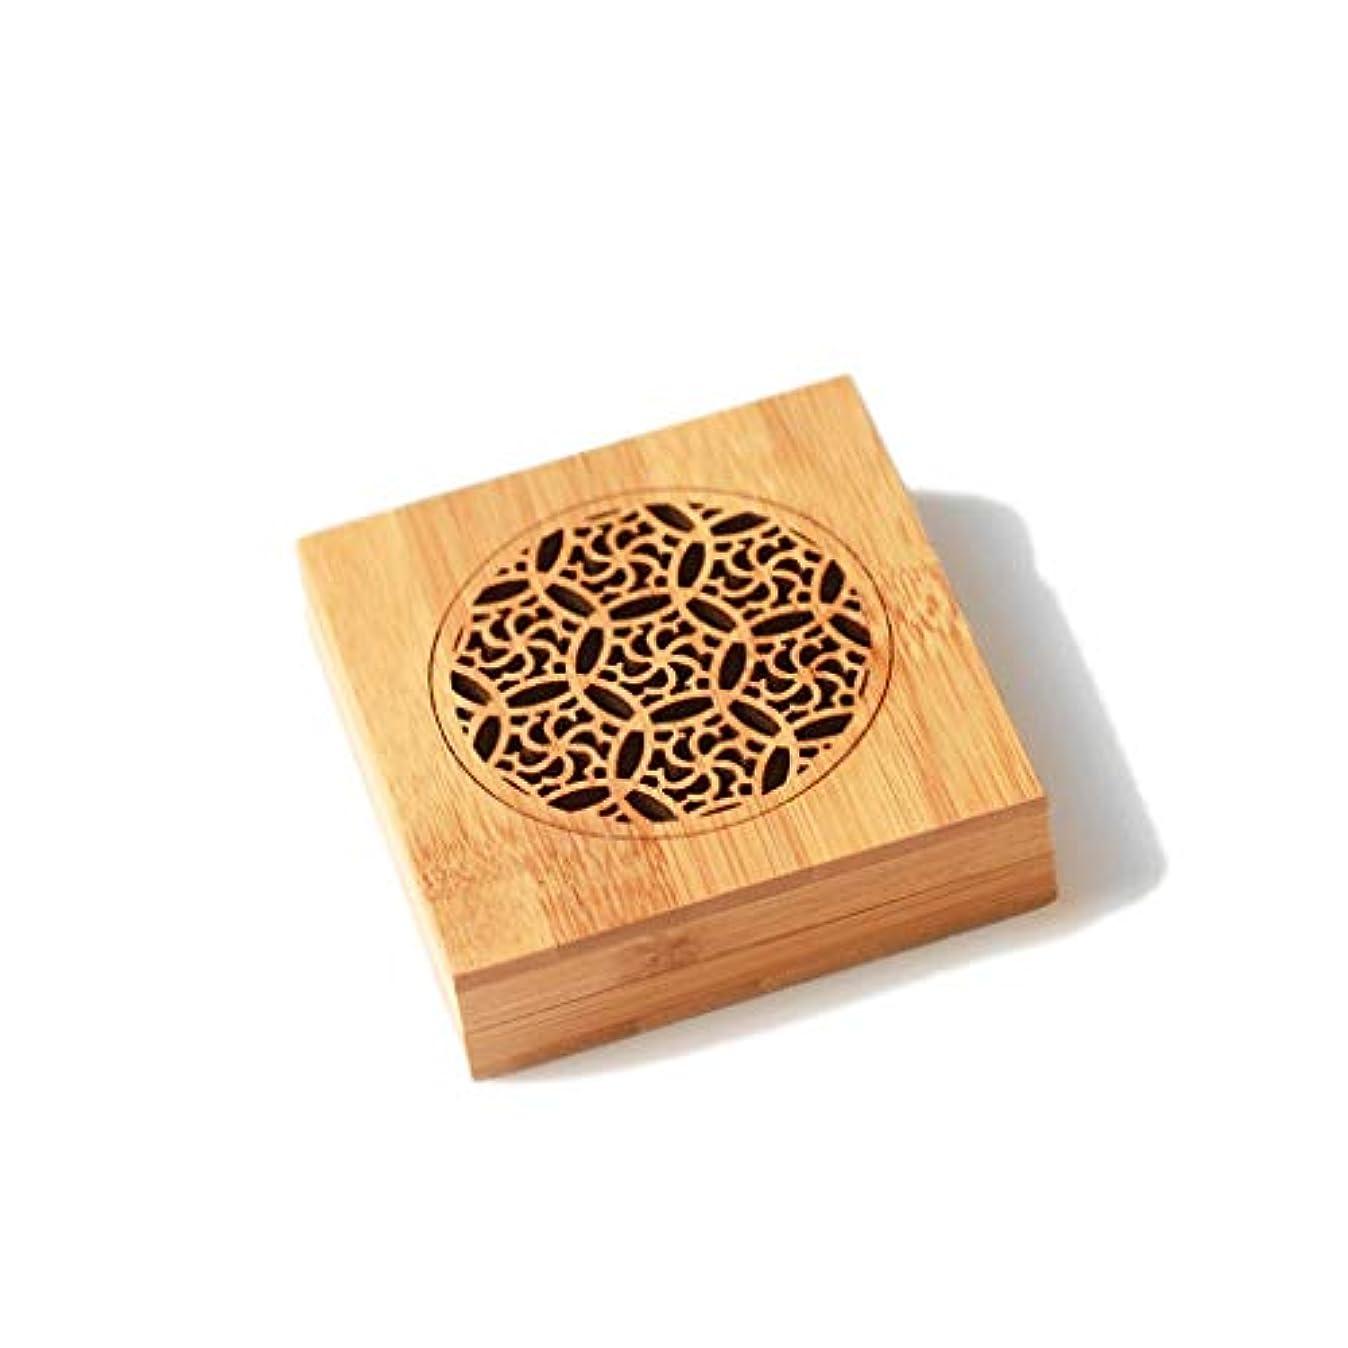 待ってエンジン致死竹の香バーナーコイルの香バーナー部屋の装飾瞑想竹の香り天然素材香ホルダー 芳香器?アロマバーナー (Color : WOOD, サイズ : Square)